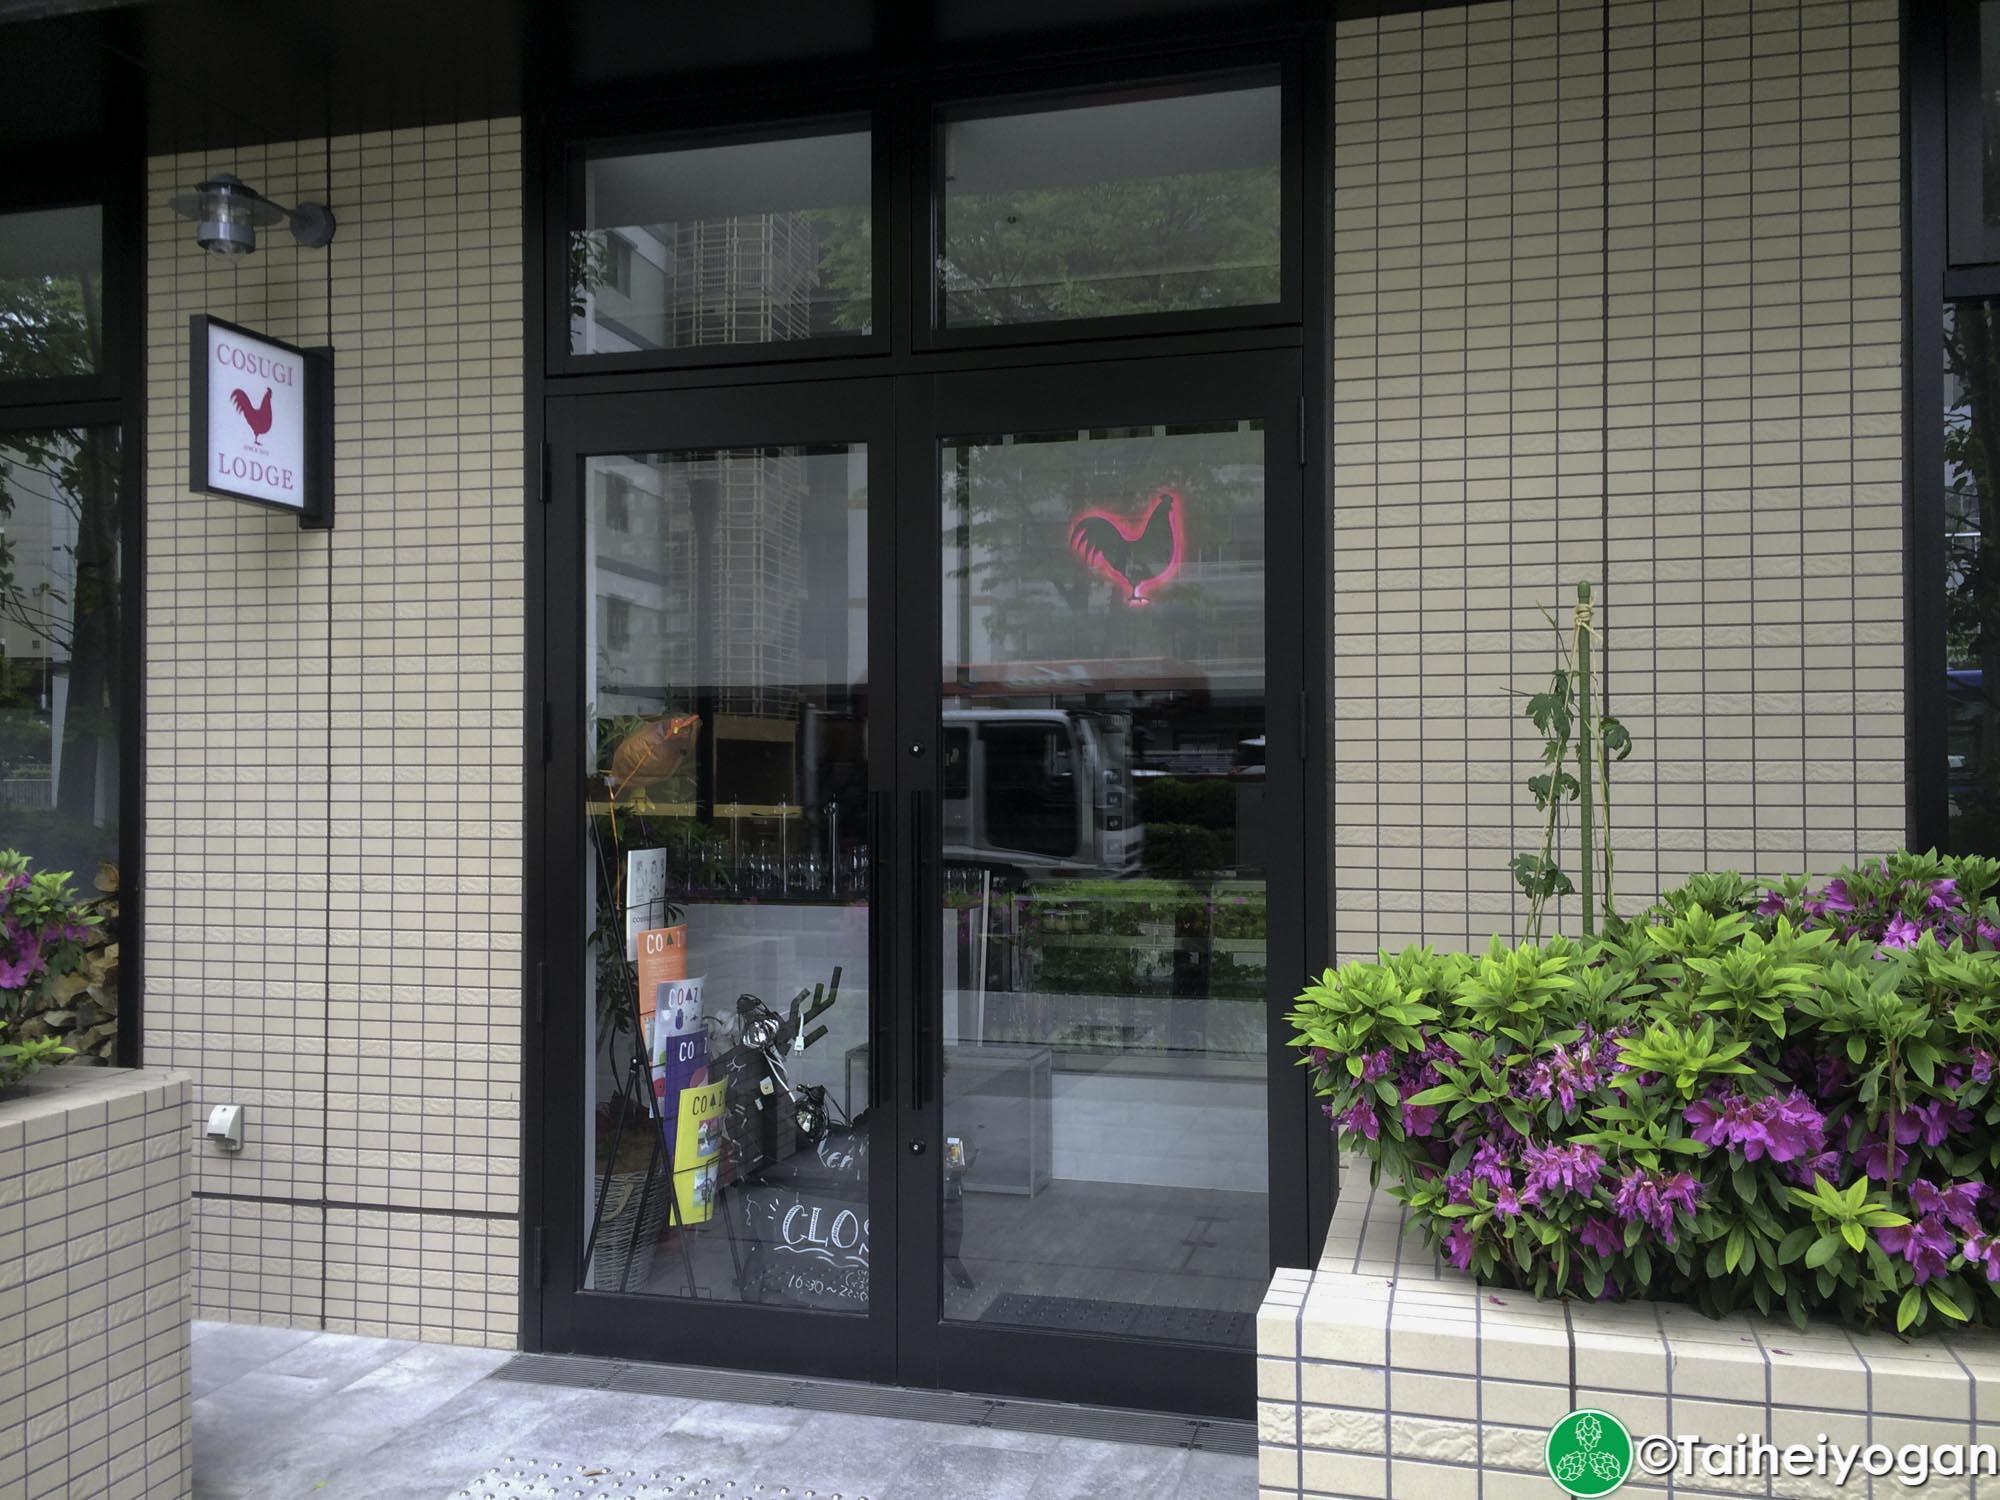 Cosugi Lodge